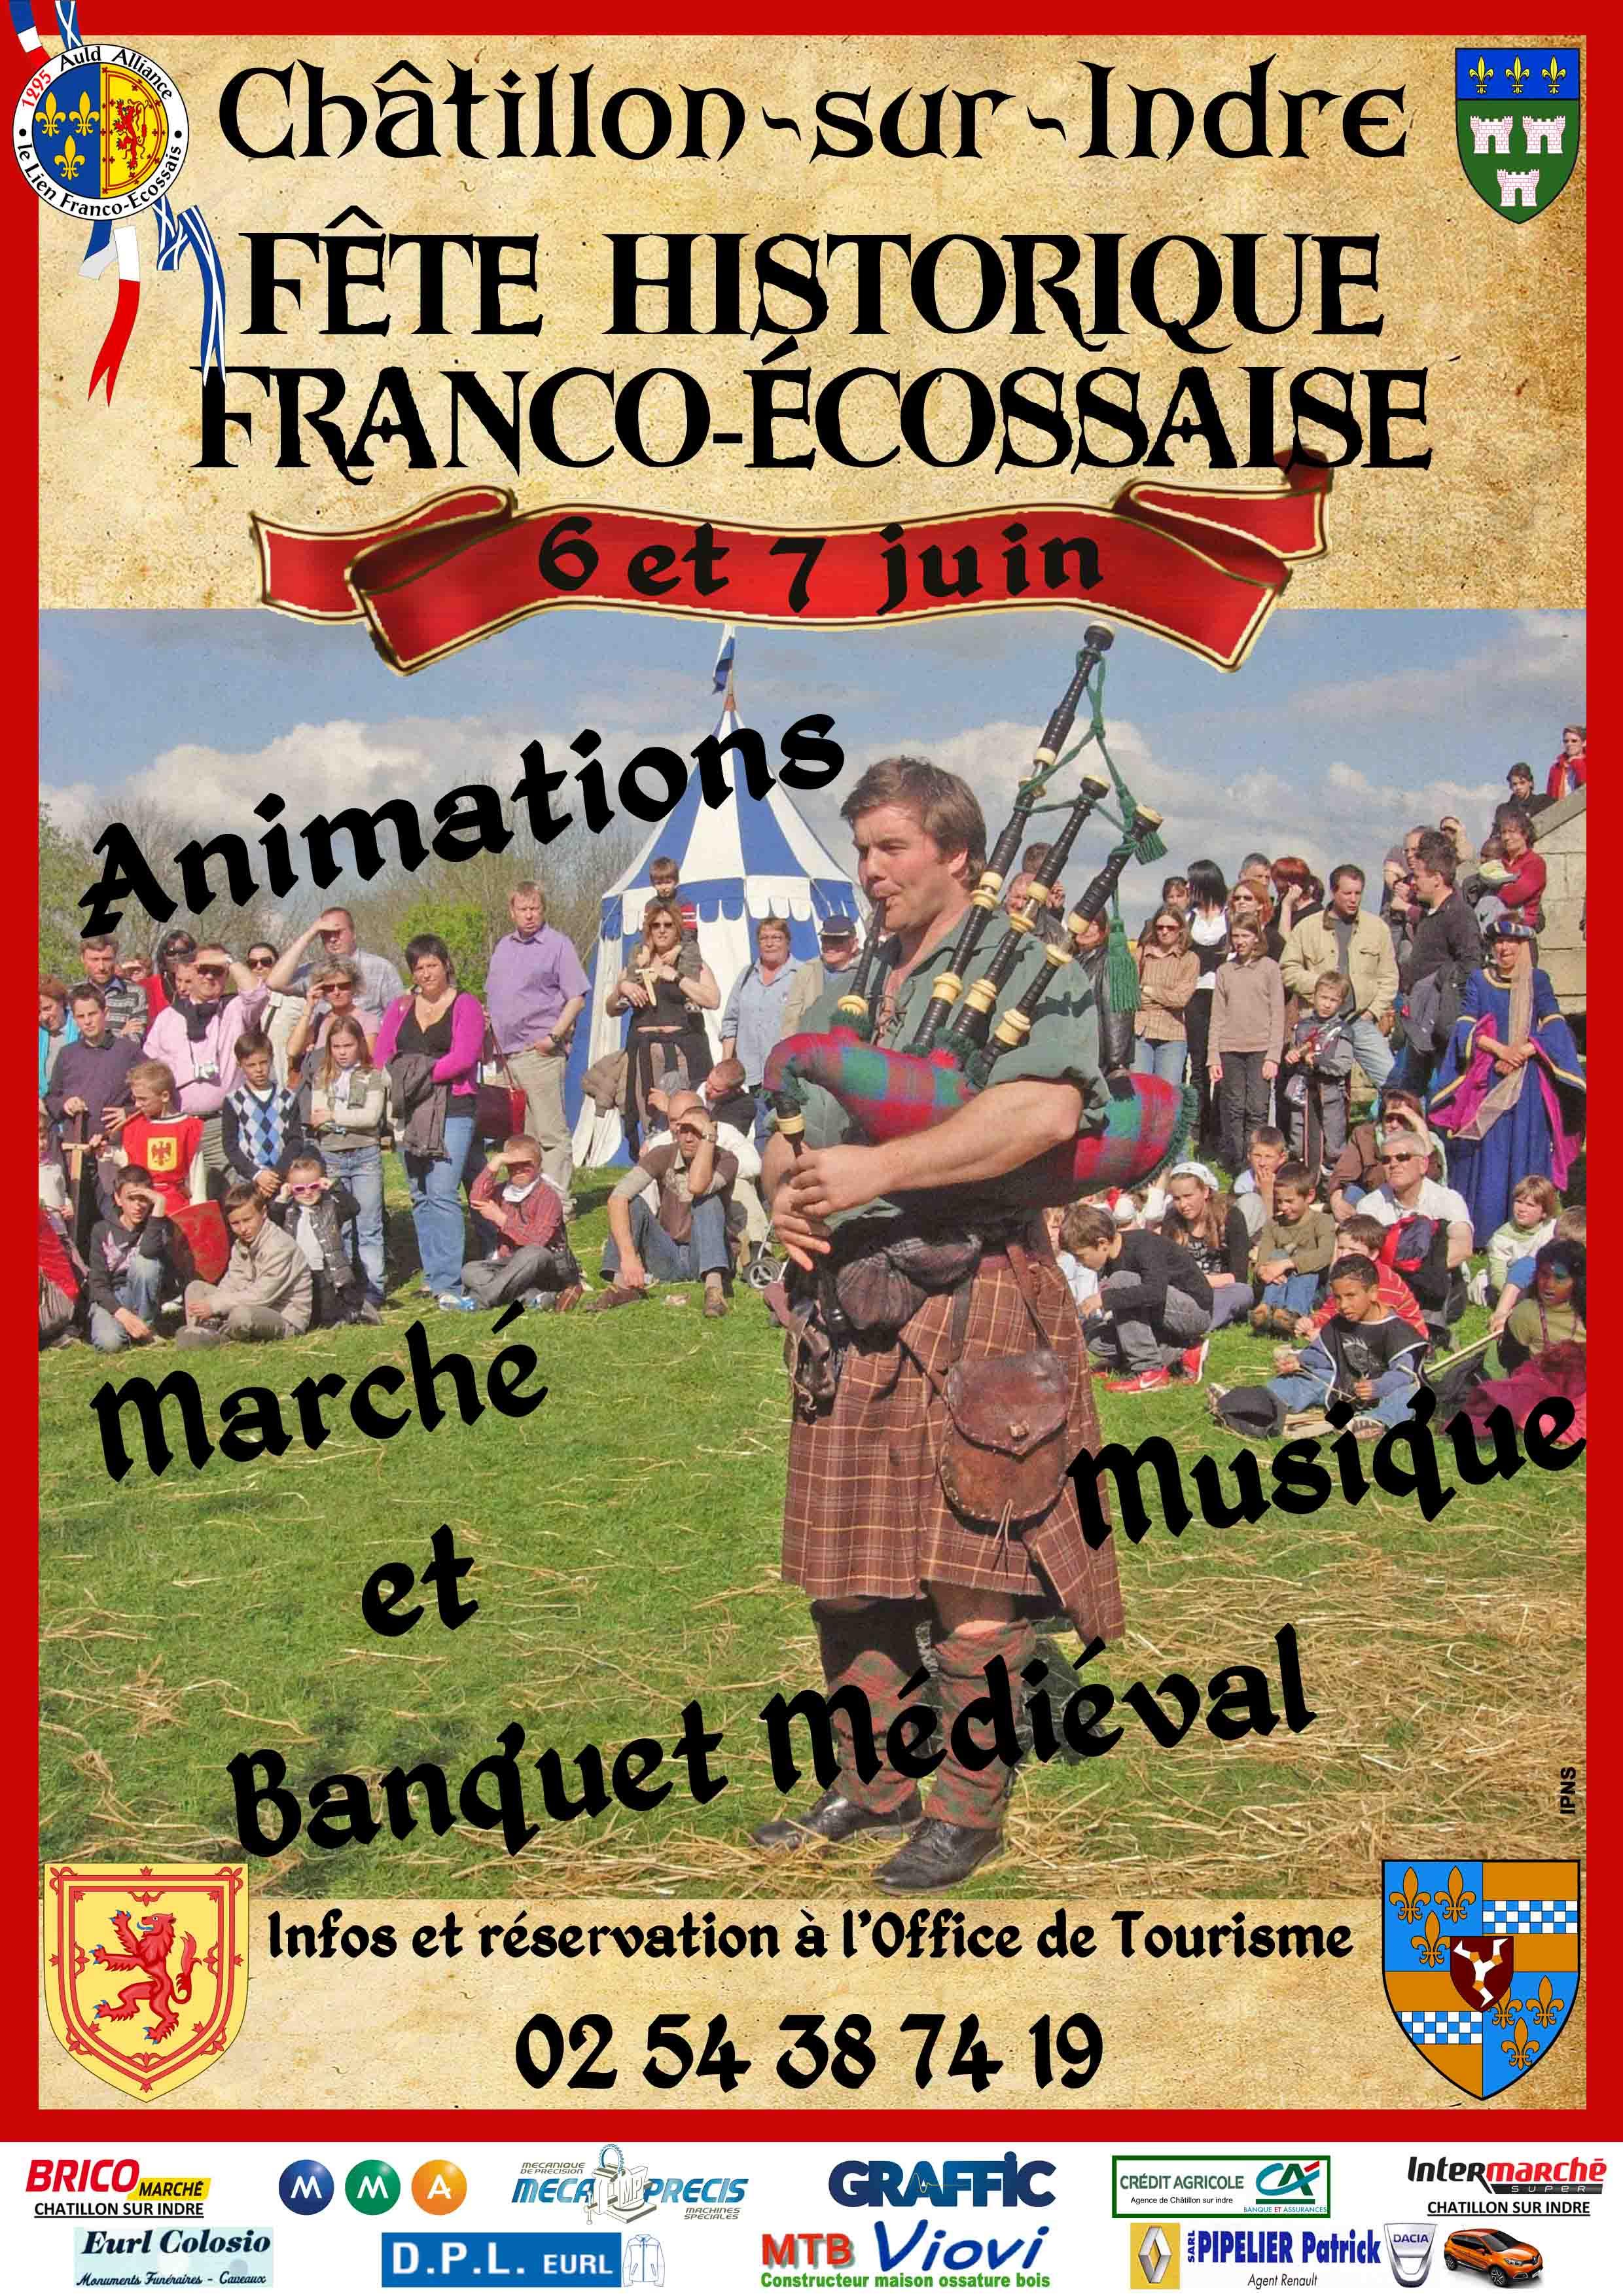 F te historique franco ecossaise ch tillon sur indre sur - Office de tourisme chatillon sur indre ...